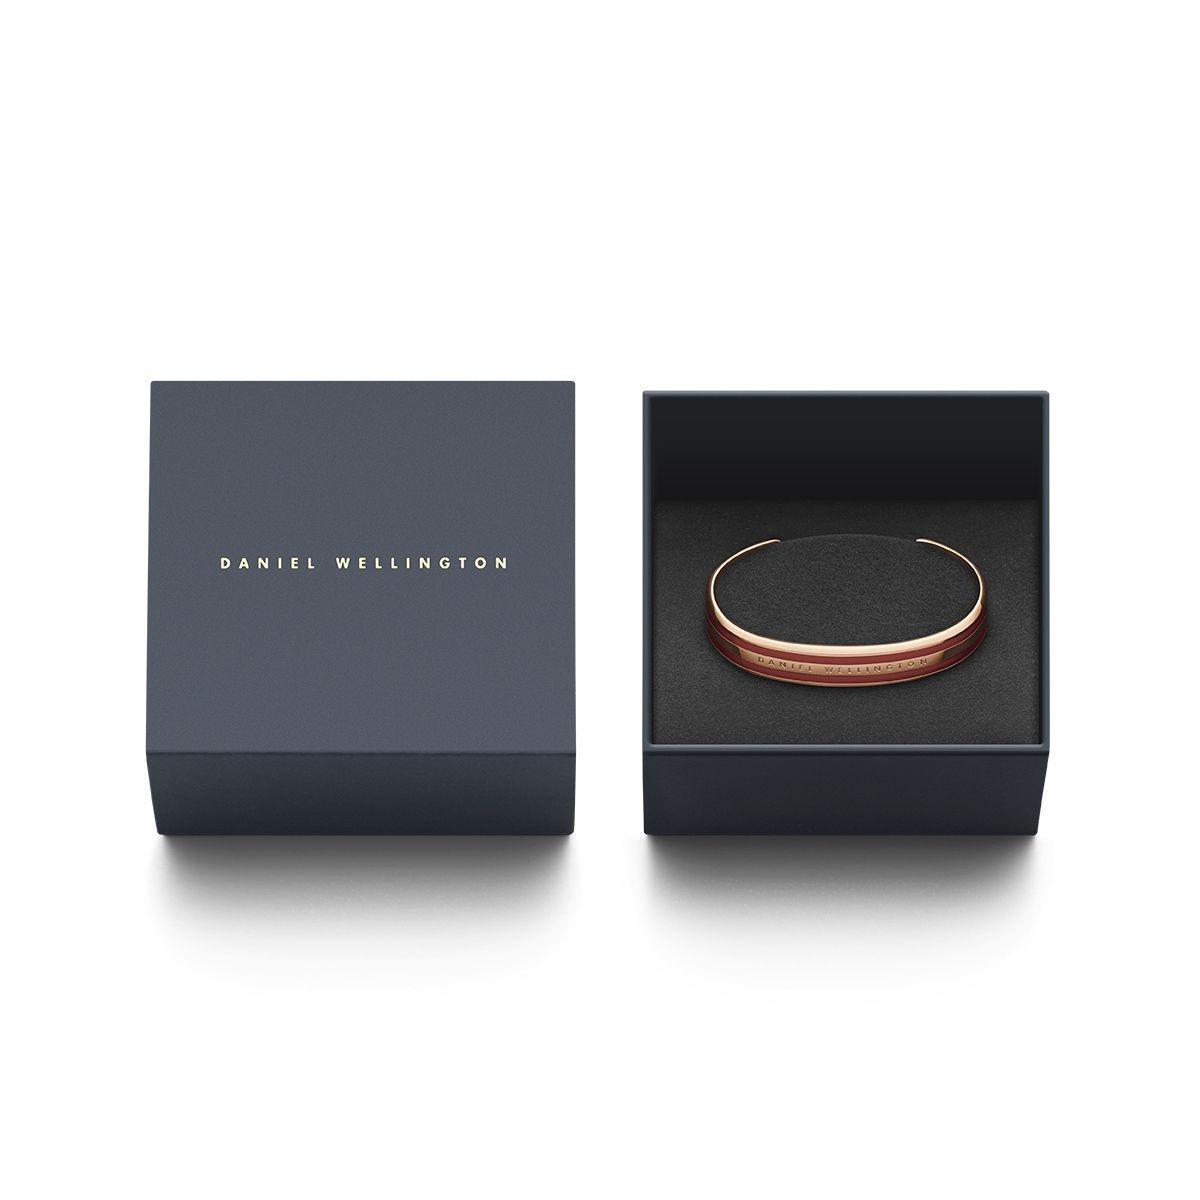 dw官网 dw手表官网 dw中国官网 dw官方旗舰店 DW DW官网  Classic Bracelet Cherry Blush RG M